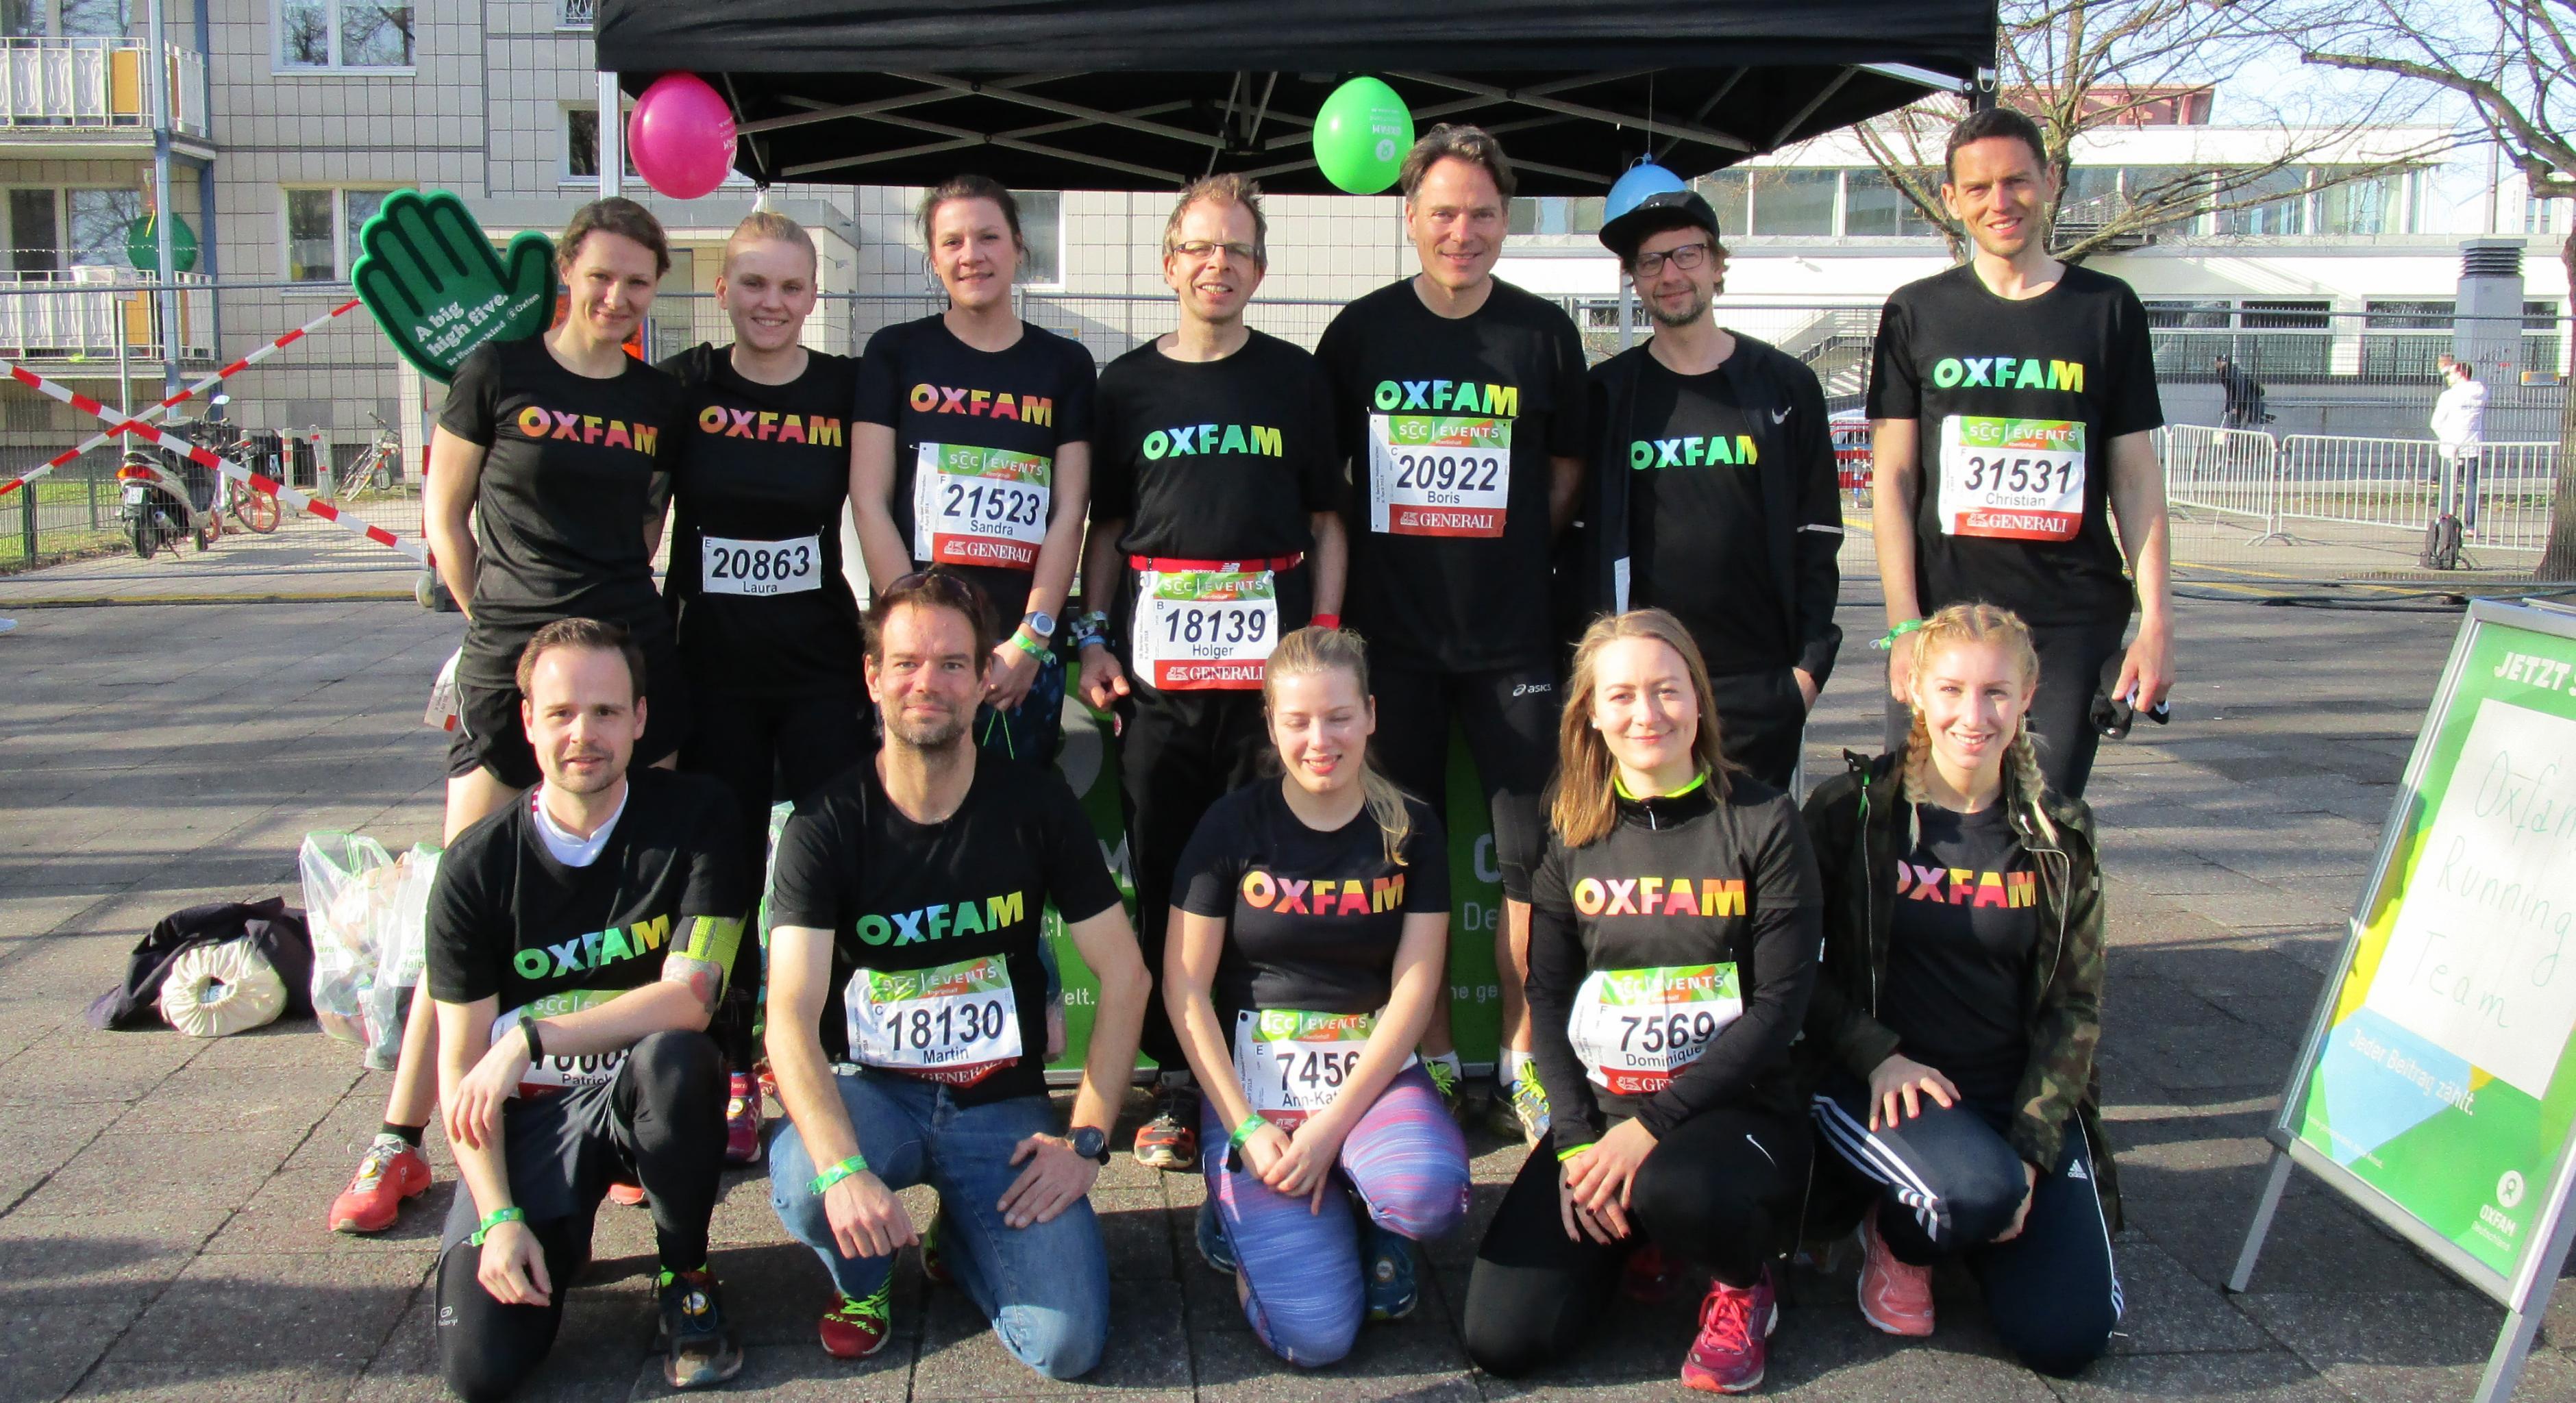 Einige Läuferinnen und Läufer des Oxfam Running Teams